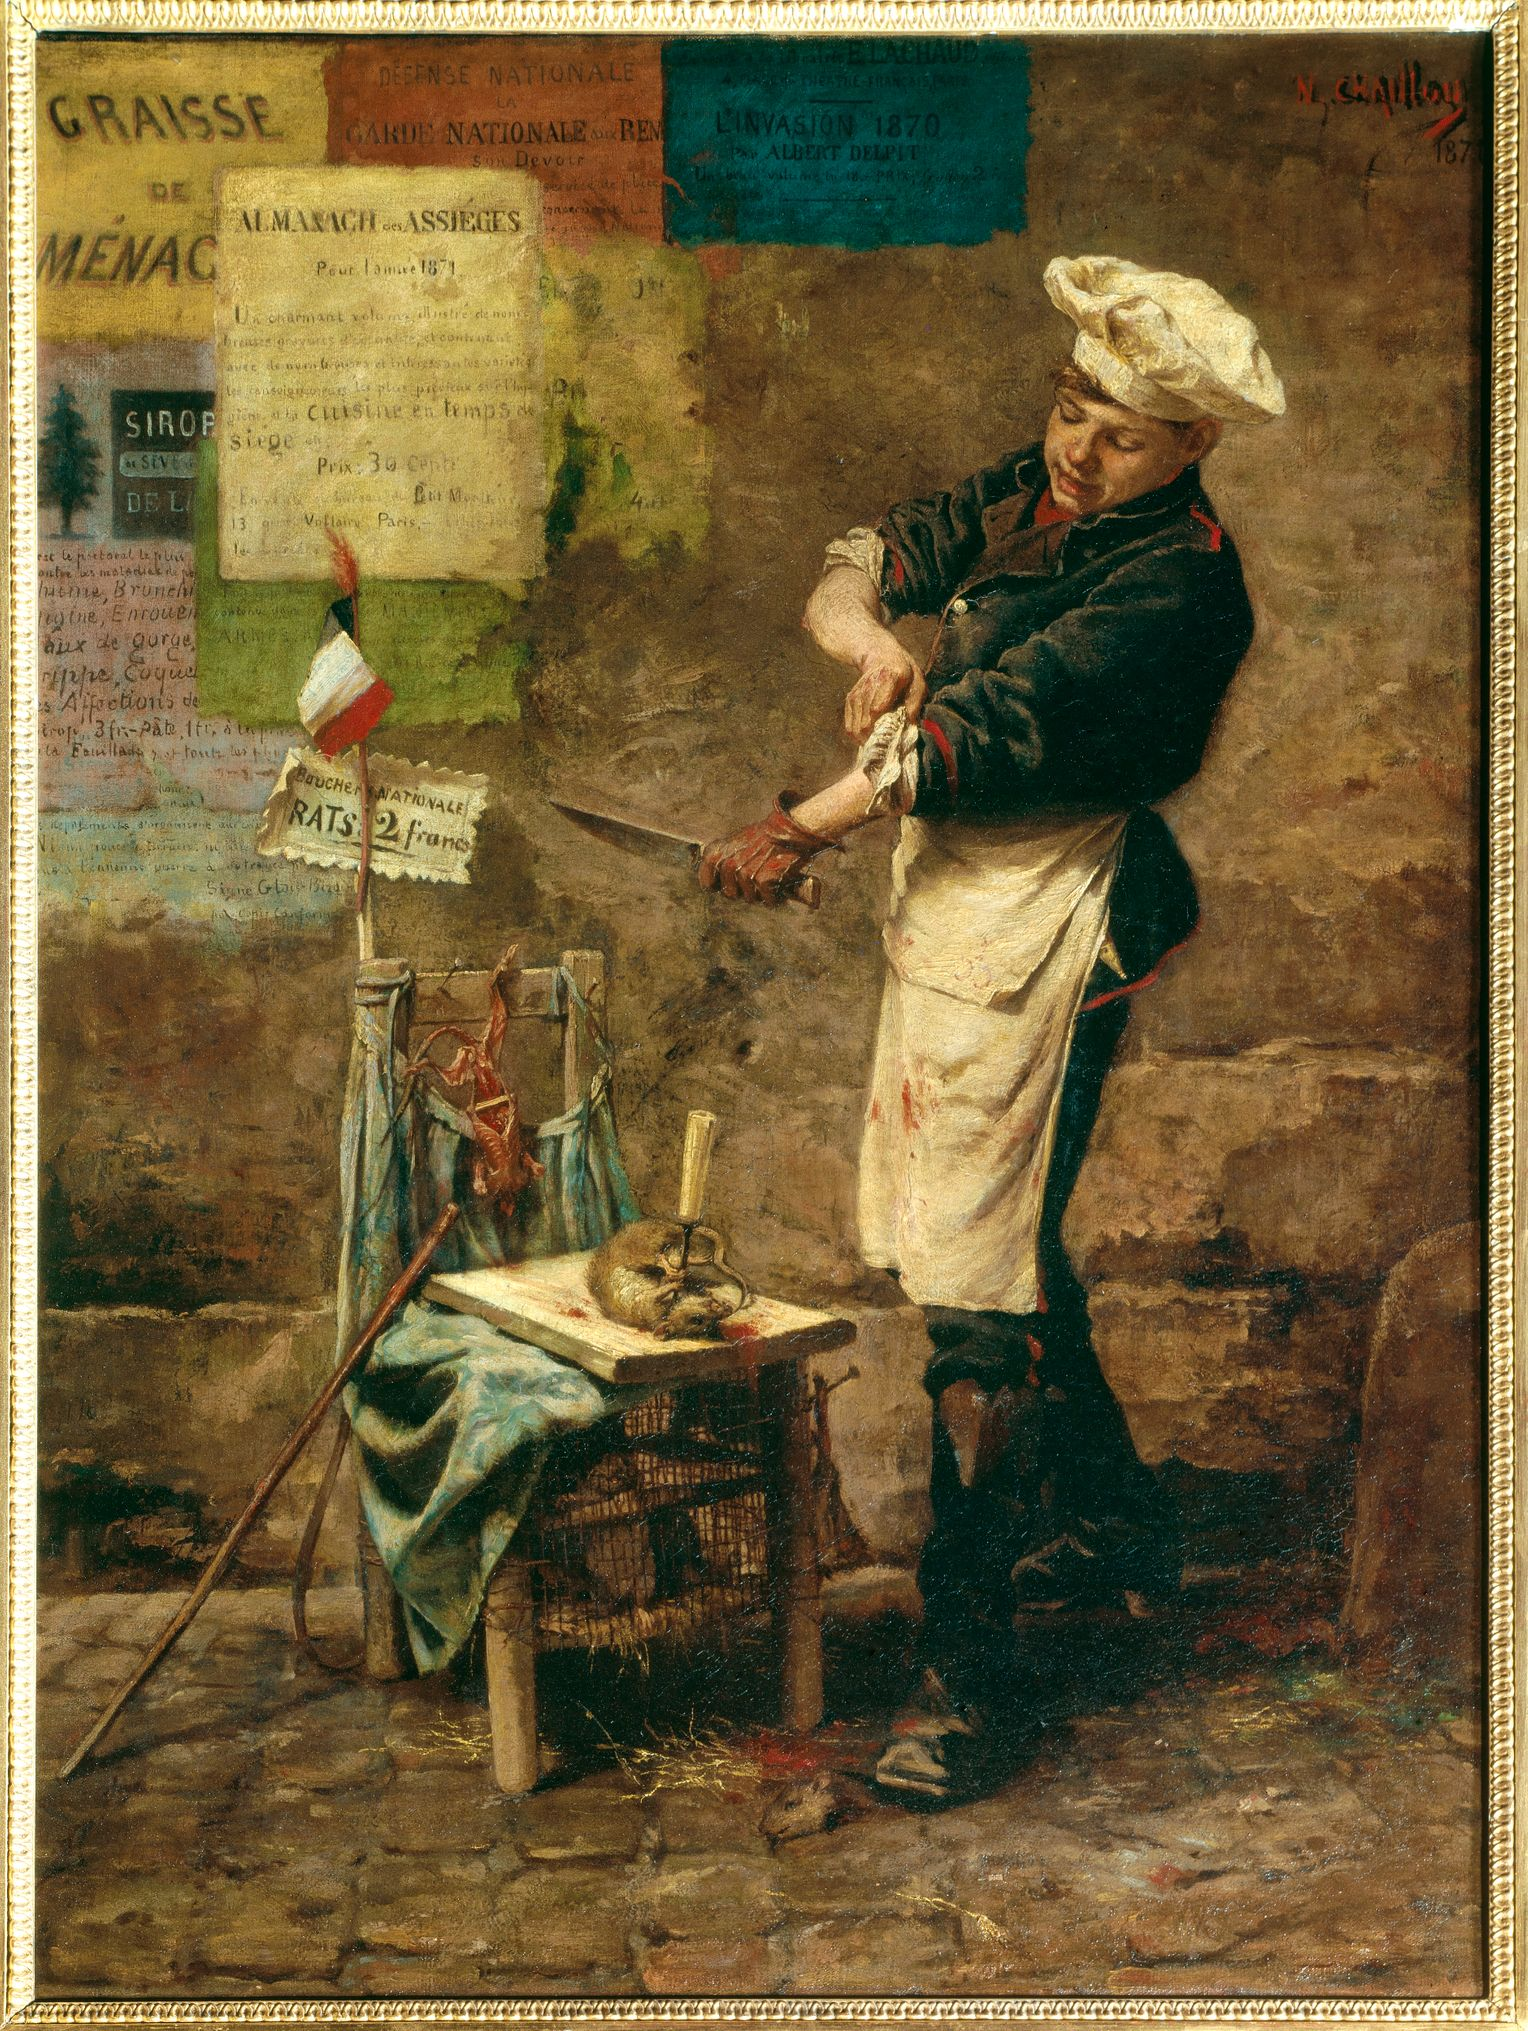 На этой картине   изображен мясник Нарцисс Шайю (1835-1916), который в 1870 году продавал крыс в Париже за два франка.